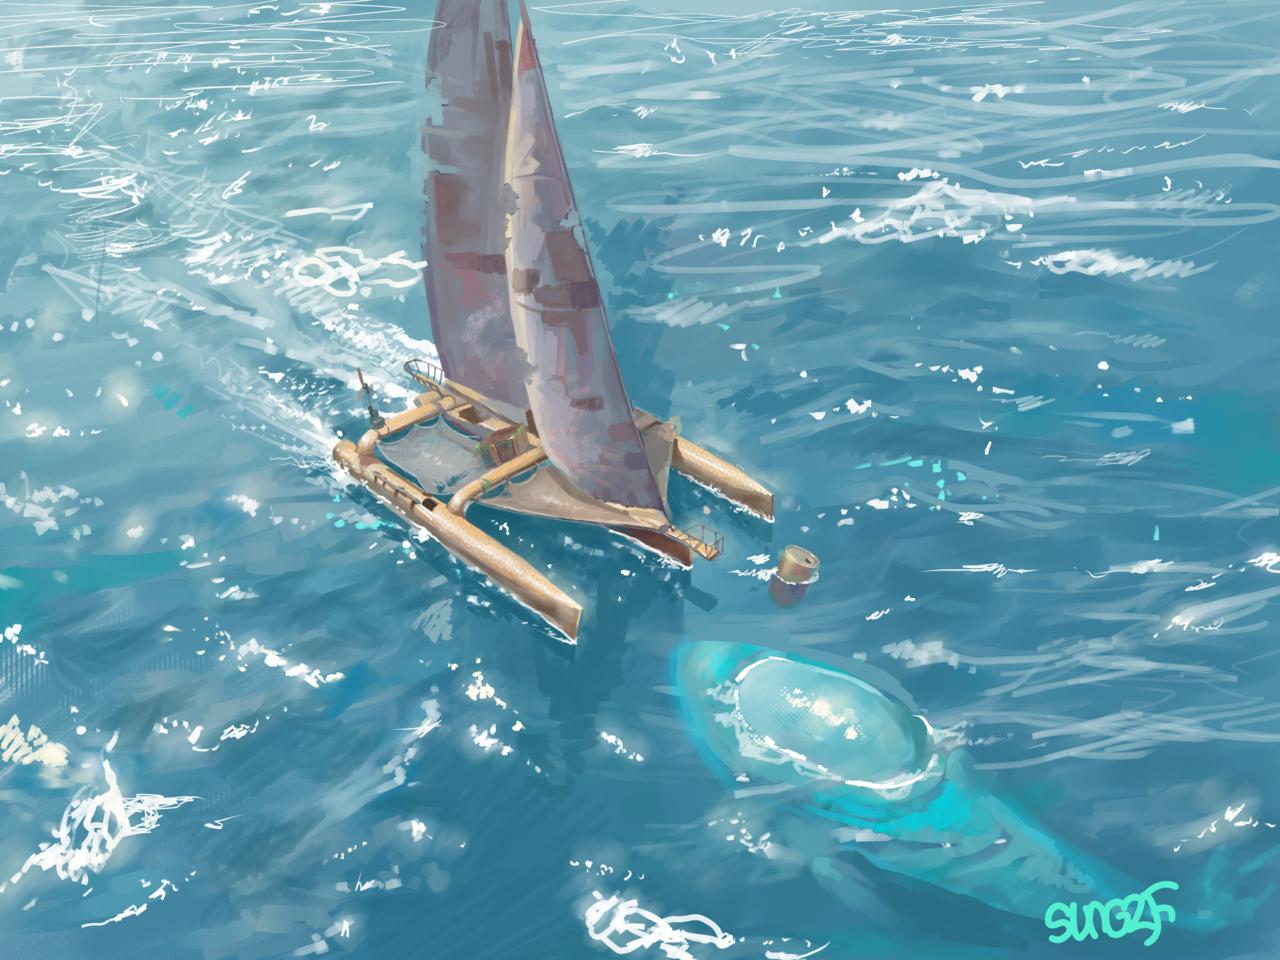 (∩ᄑ_ᄑ)⊃😐😐😐😐 Illust of SUN6ZF medibangpaint sea